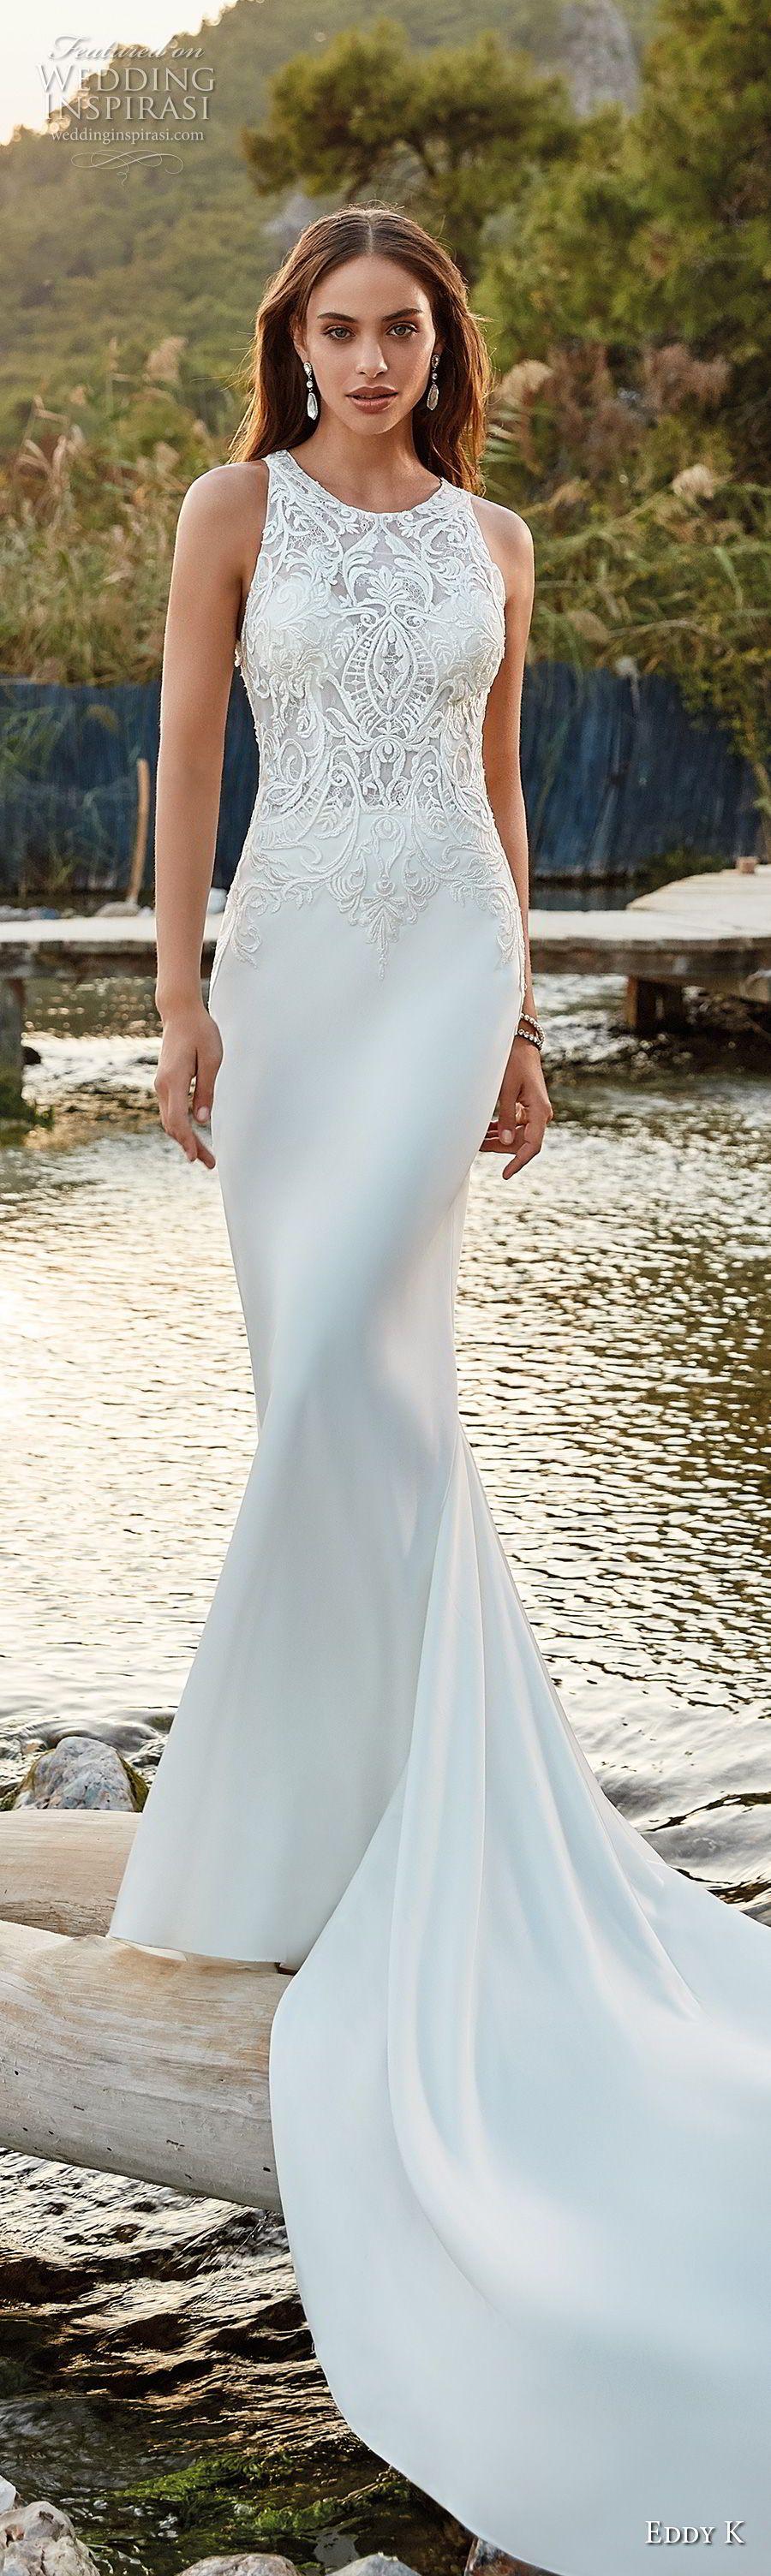 Eddy K. Dreams 2019 Wedding Dresses | Vestidos de novia, De novia y ...